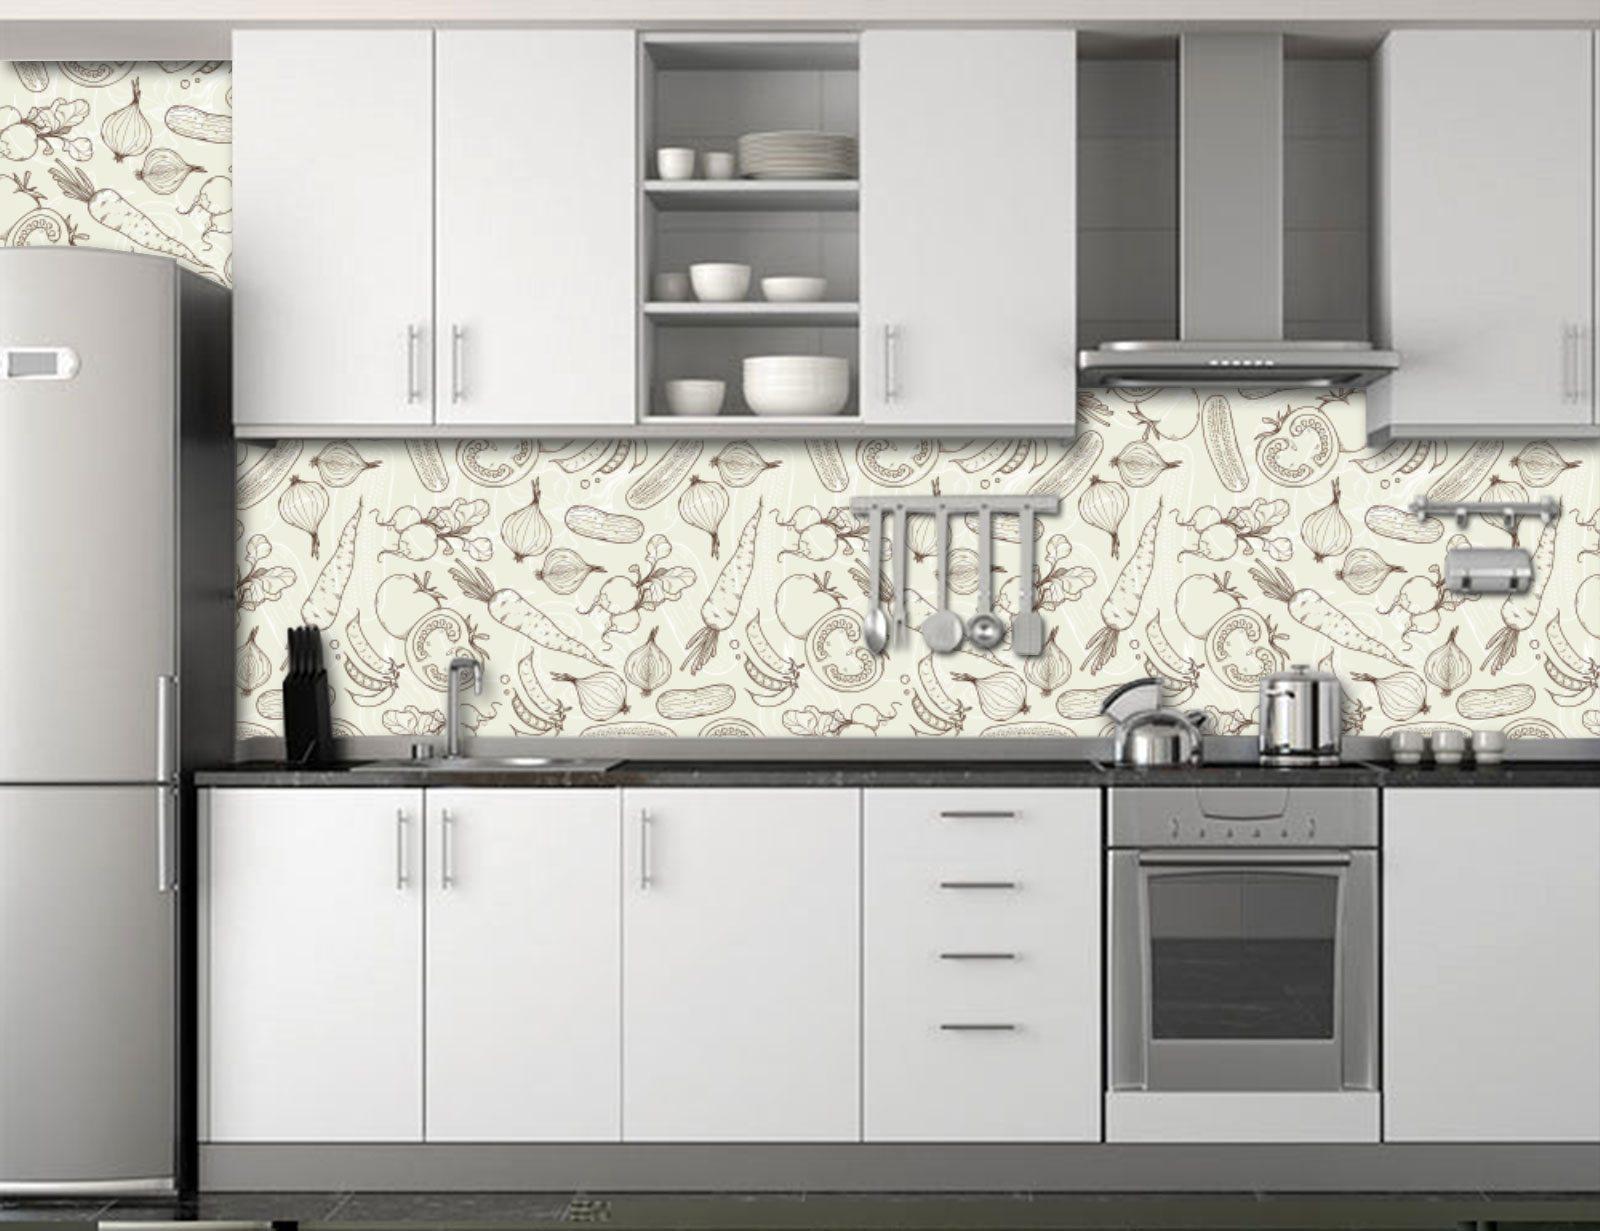 papel de parede cozinha modelo 000 papel de parede cozinha.jpg #6F695C 1600 1231